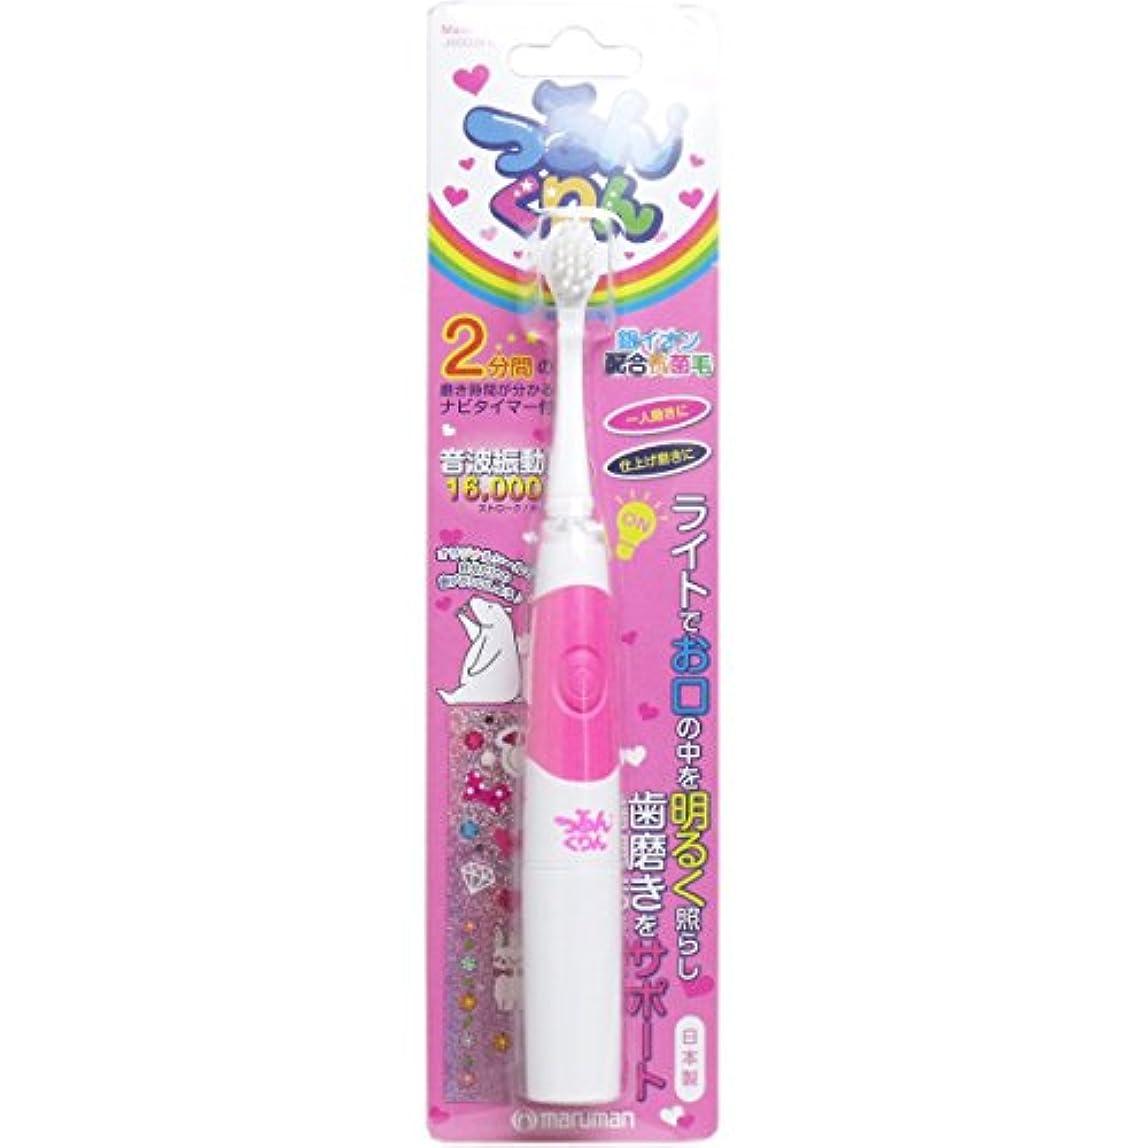 対処要塞不変つるんくりん 音波振動歯ブラシ 子供用 ピンク JS002PK